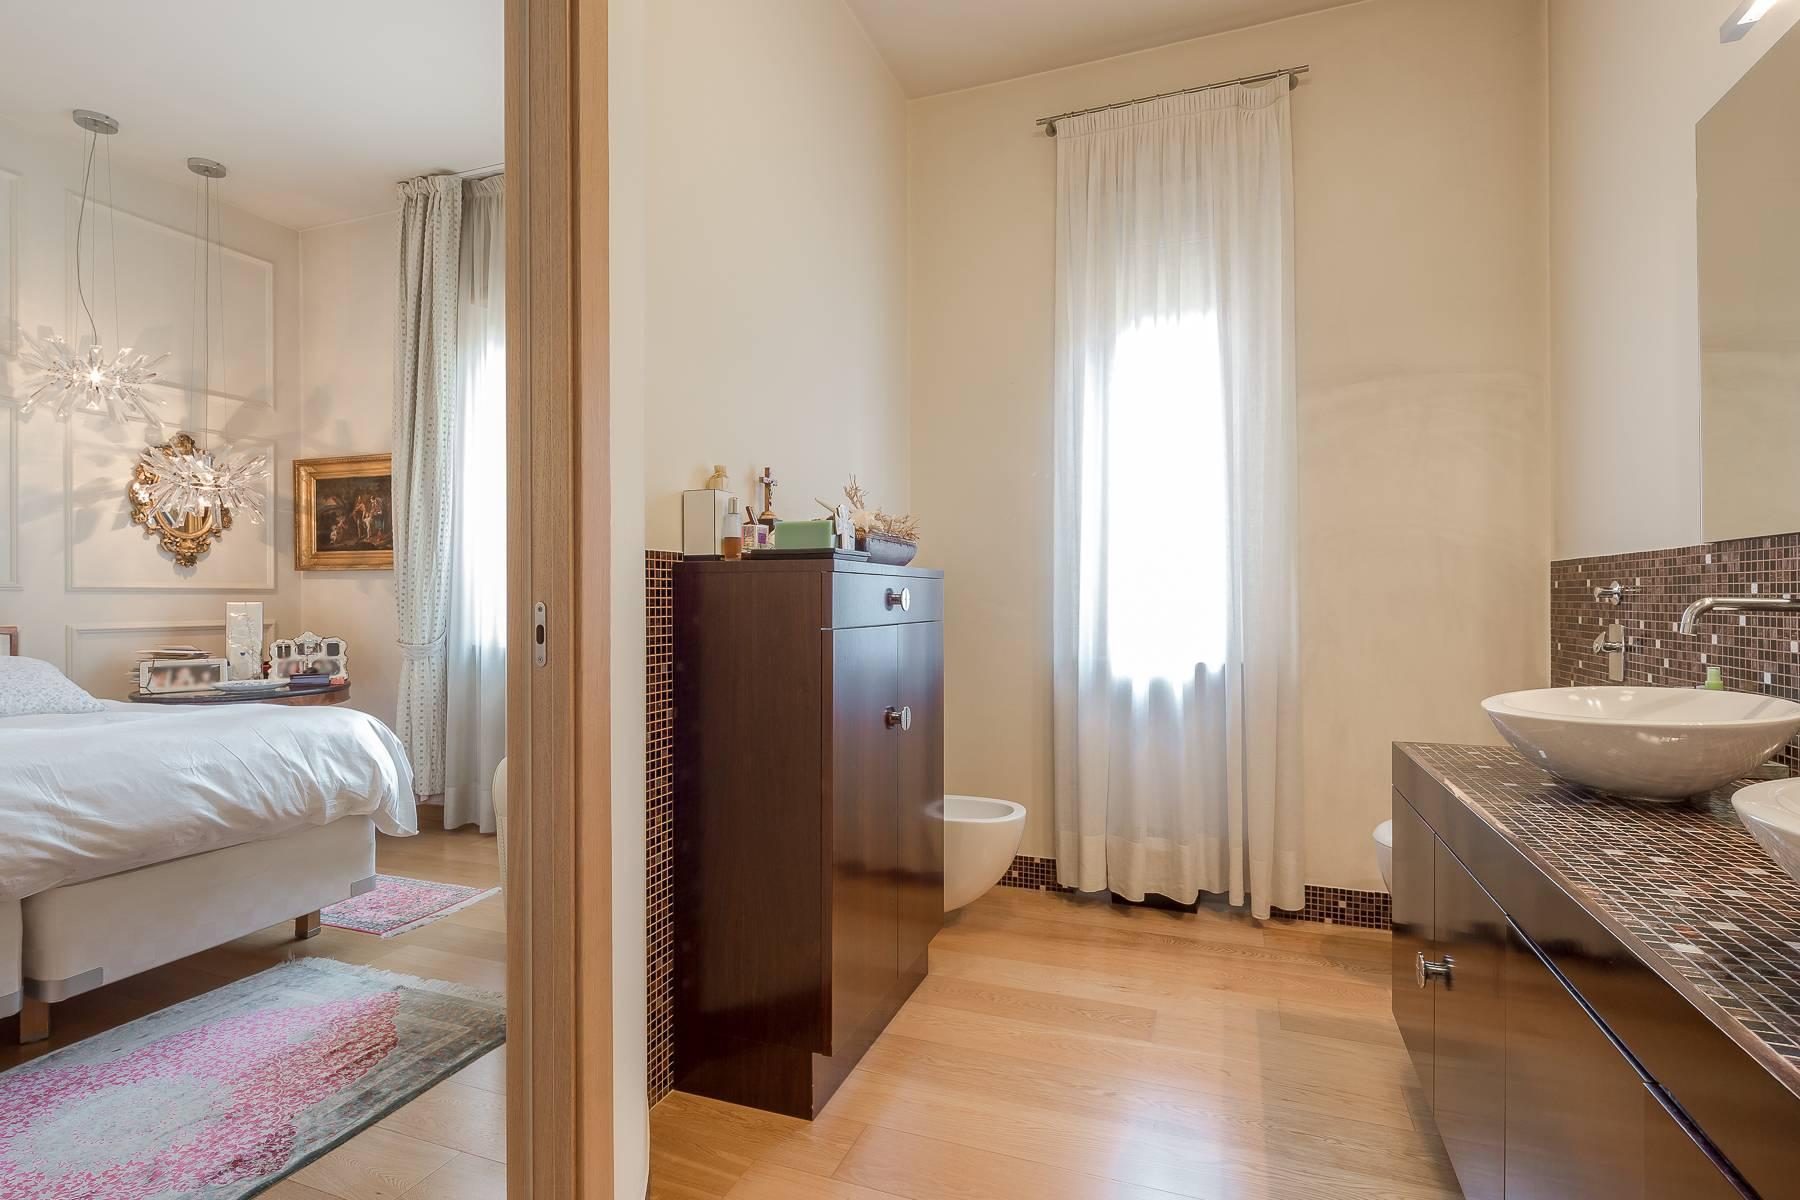 Appartement de style classique situé Via Besana - 10